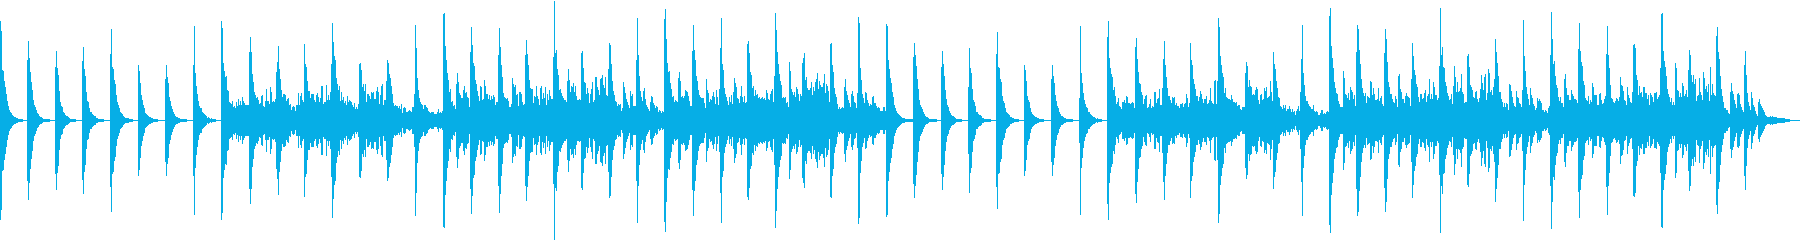 ピアノの心地良い音楽の再生済みの波形